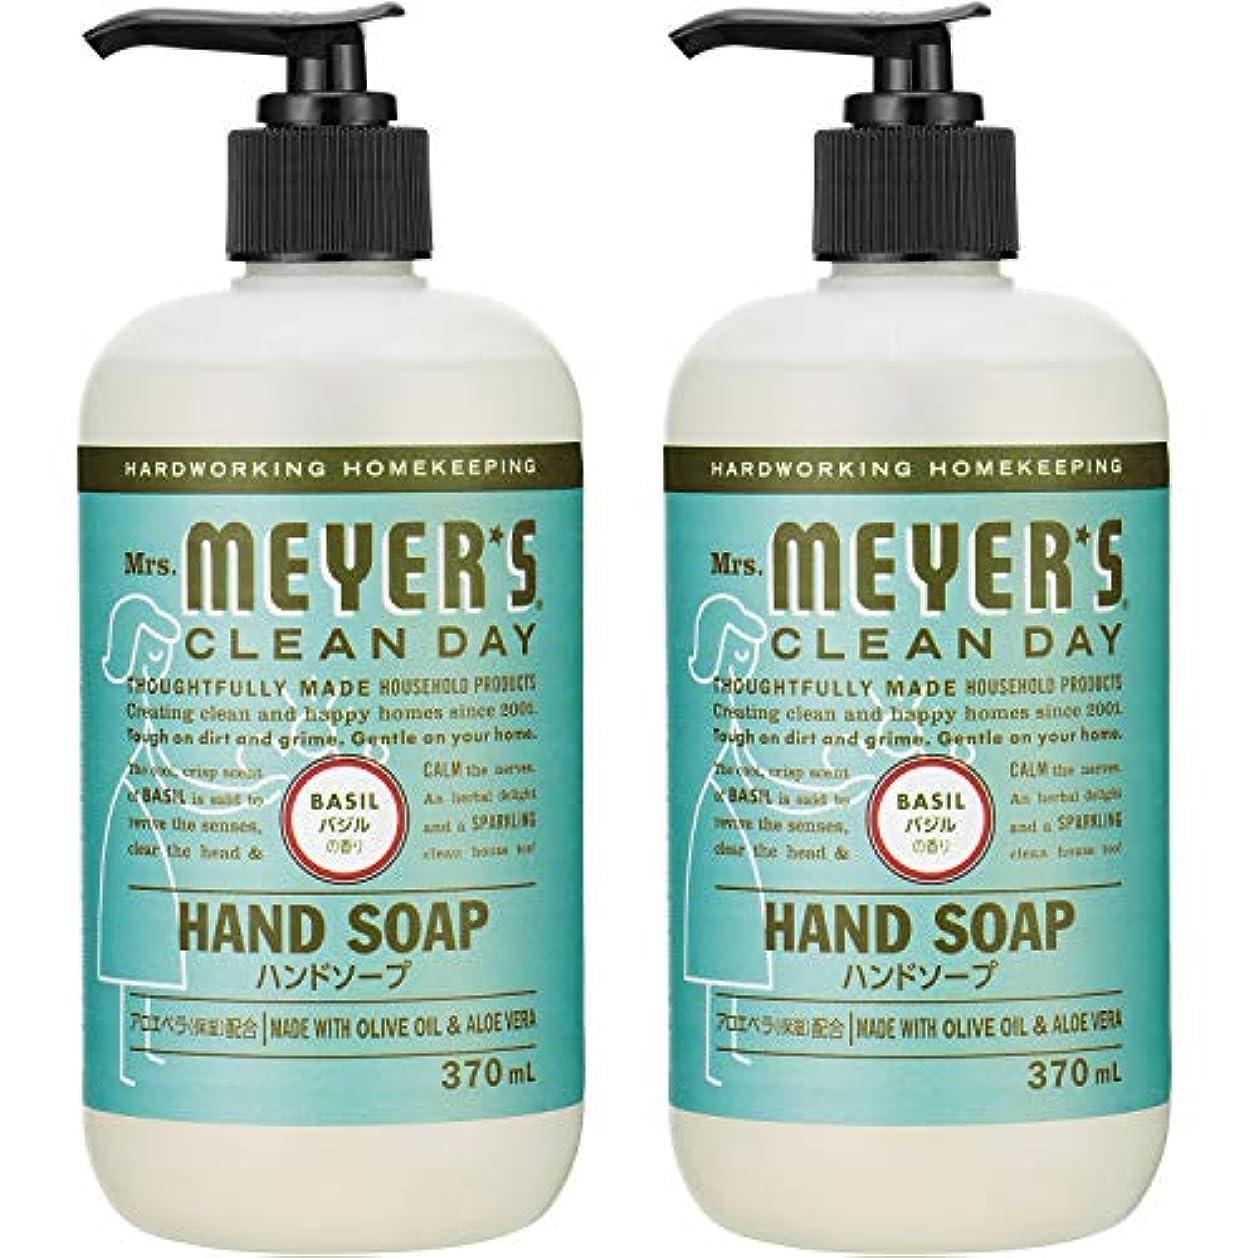 第四浜辺凍るMrs. MEYER'S CLEAN DAY(ミセスマイヤーズ クリーンデイ) ミセスマイヤーズ クリーンデイ(Mrs.Meyers Clean Day) ハンドソープ バジルの香り 370ml×2個